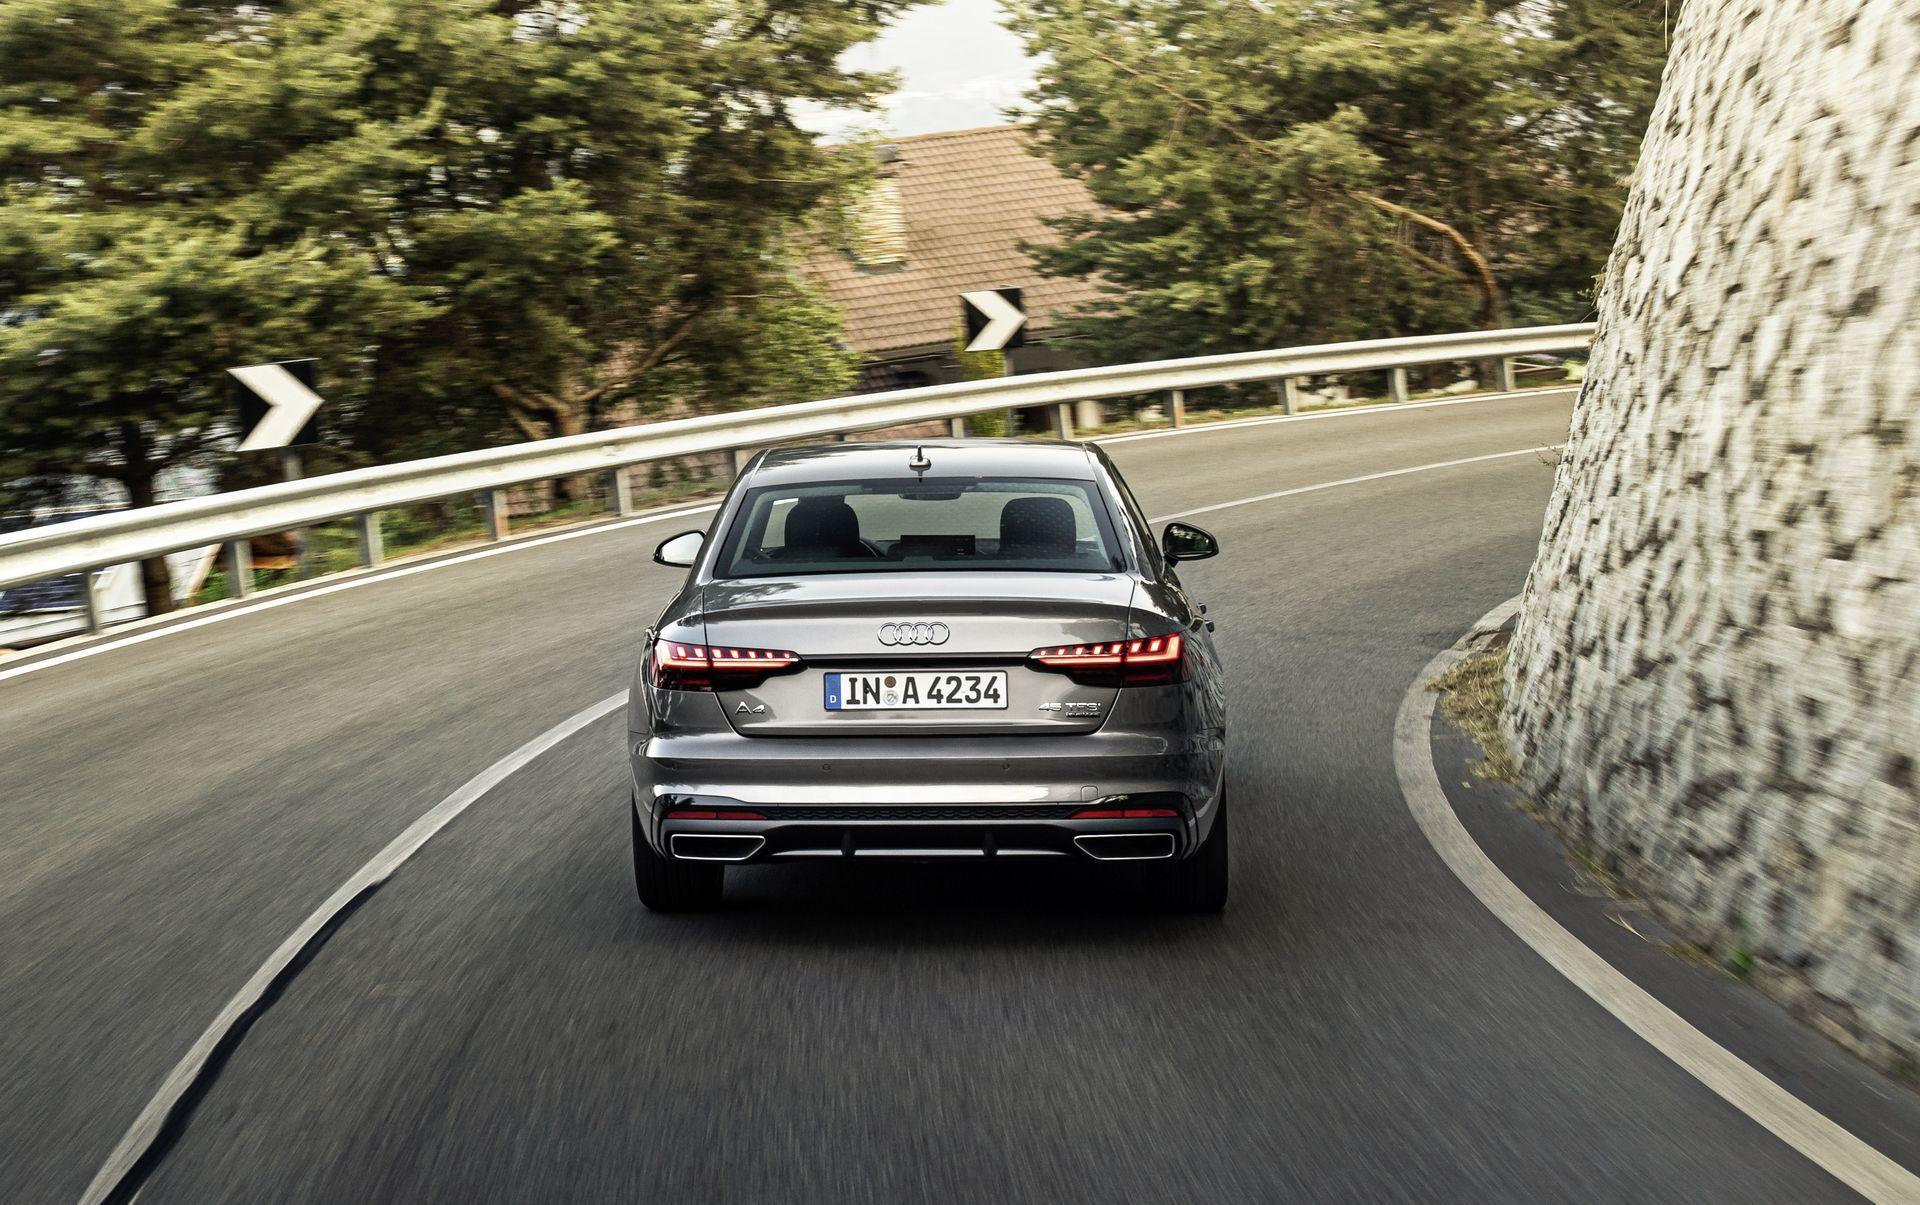 Prueba Audi A4 2019 24